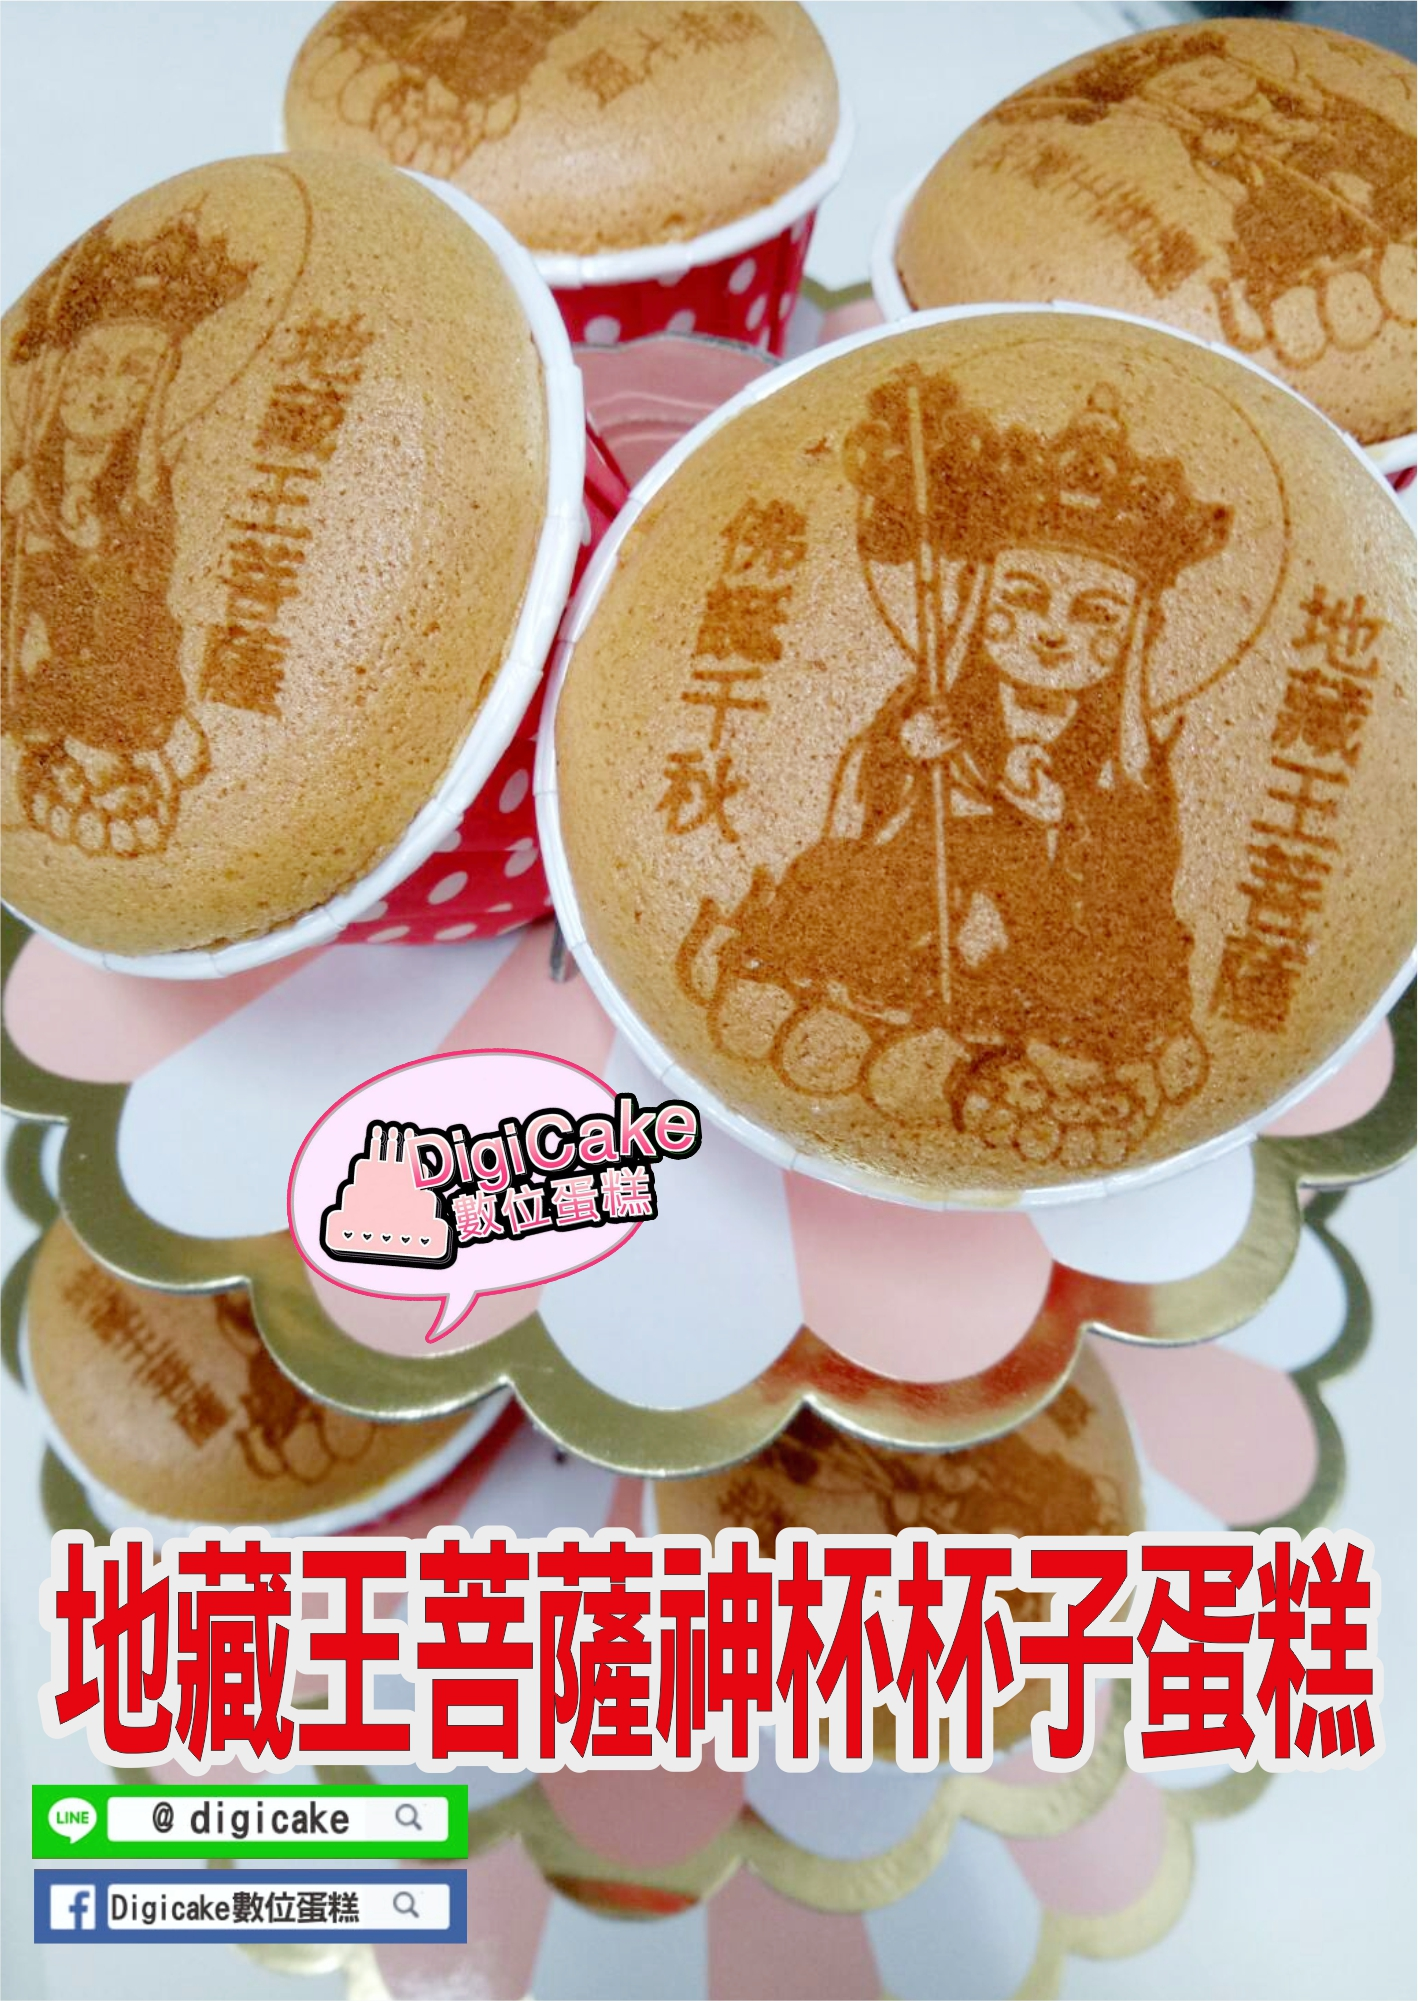 點此進入地藏王菩薩神杯杯子蛋糕20杯一組+附三層架*1+祝壽卡*1的詳細資料!